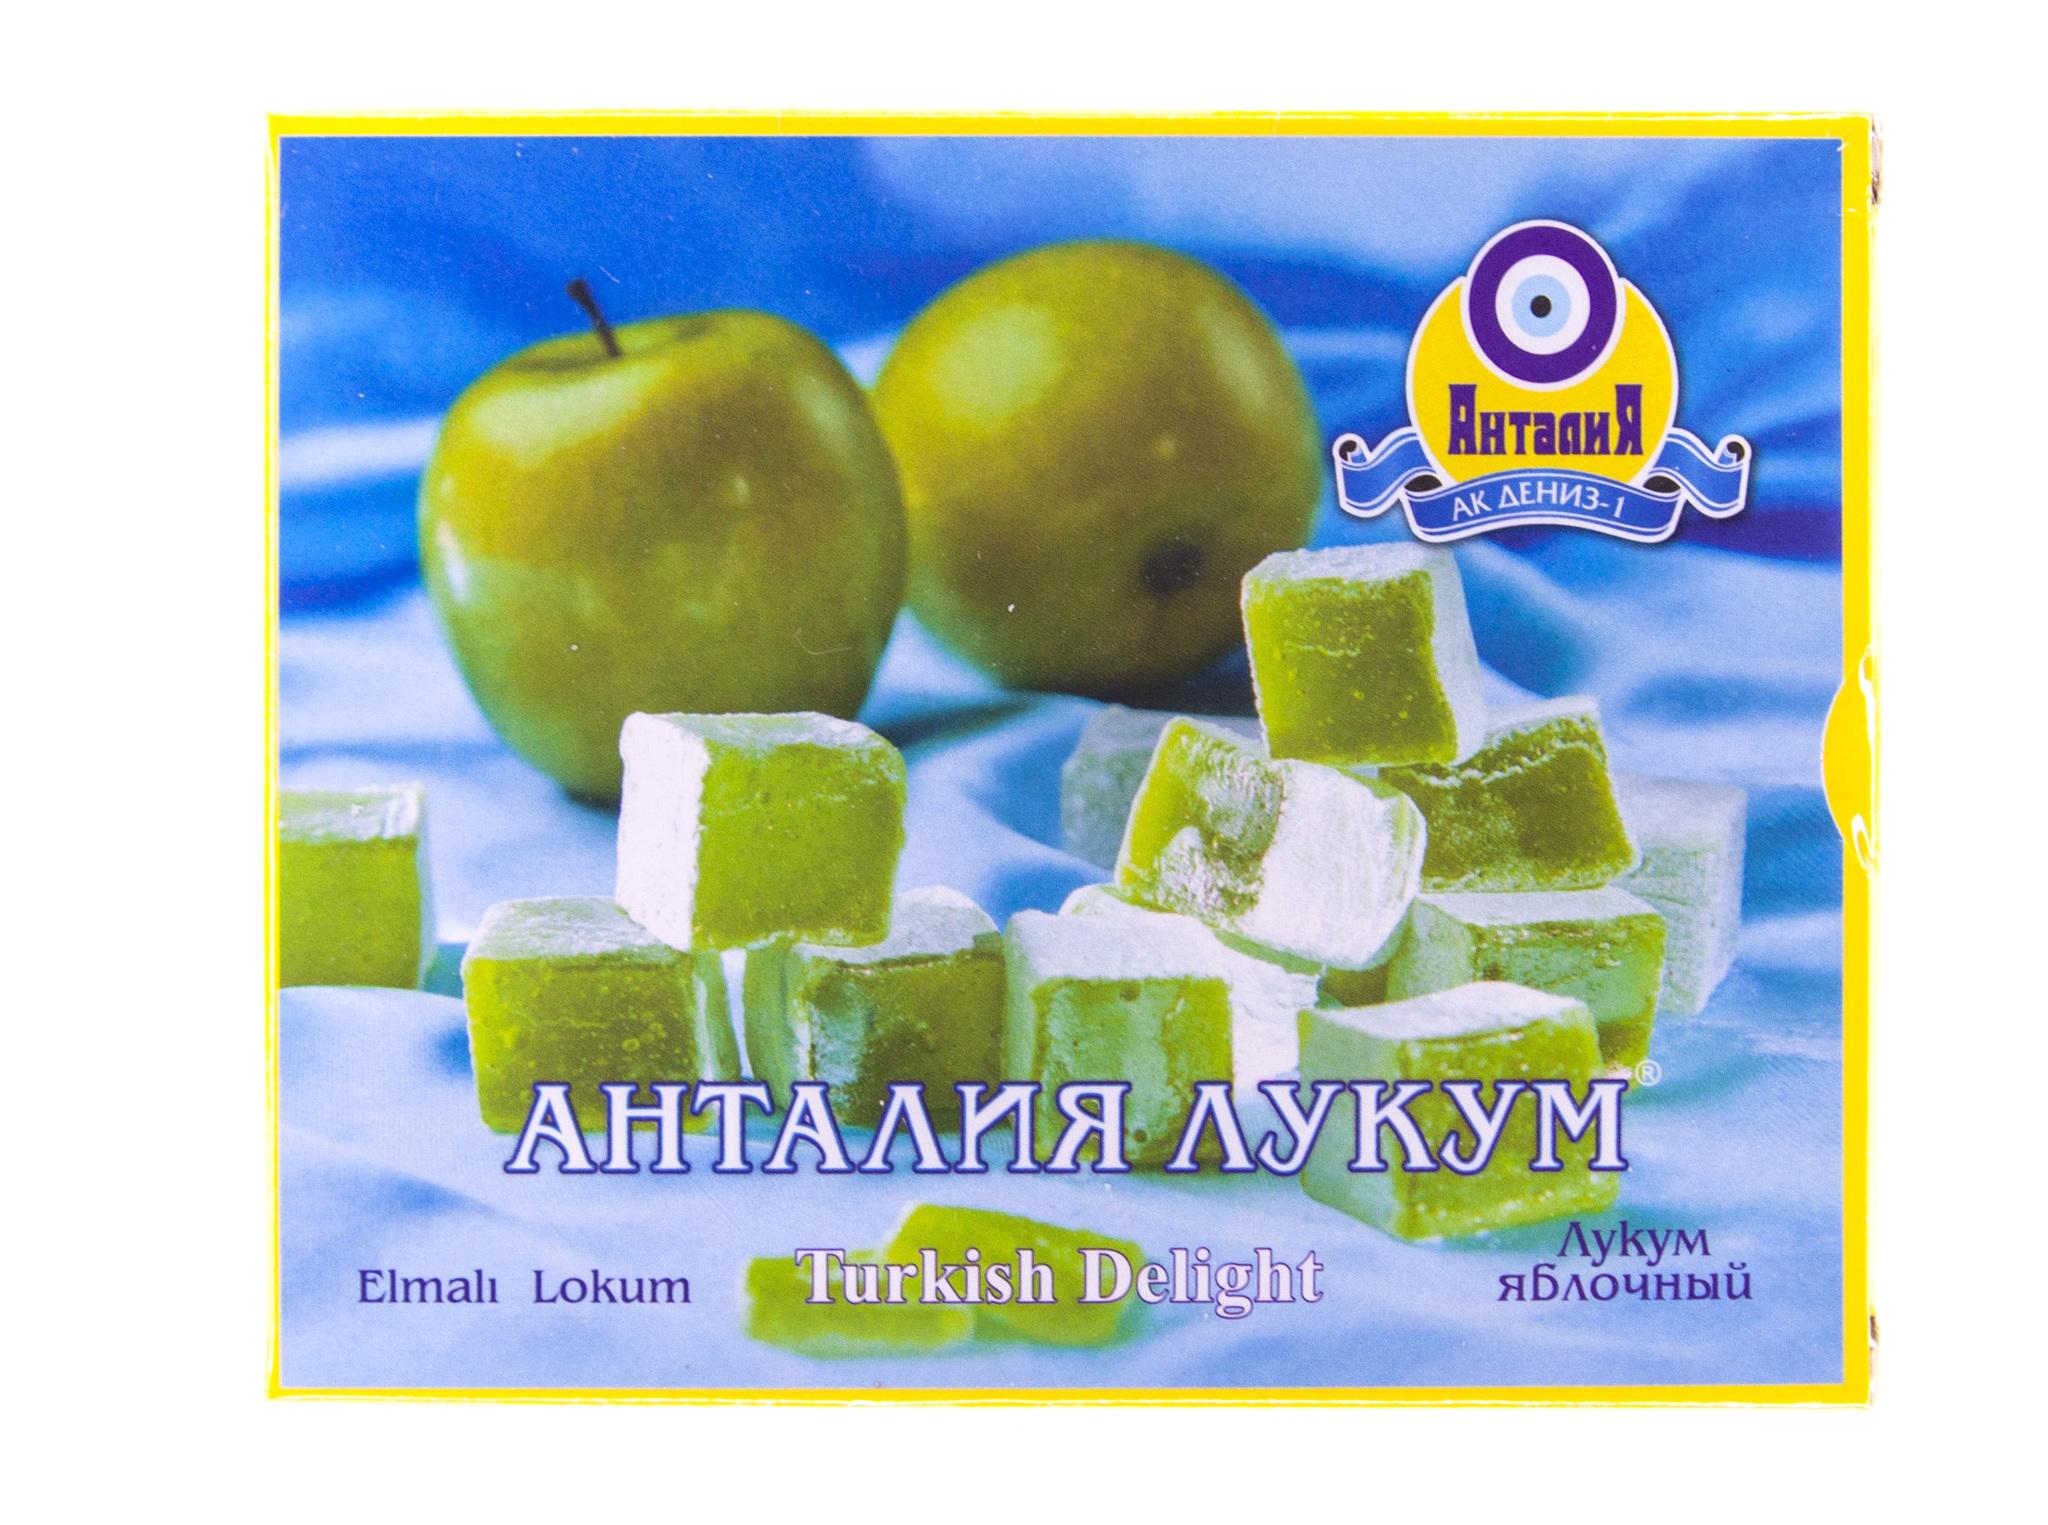 Сладости Востока Рахат лукум яблочный, Акдениз, 125 г import_files_0a_0a92f0bd34ae11e89e58448a5b3752ae_a6cc0a76486511e8a996484d7ecee297.jpg